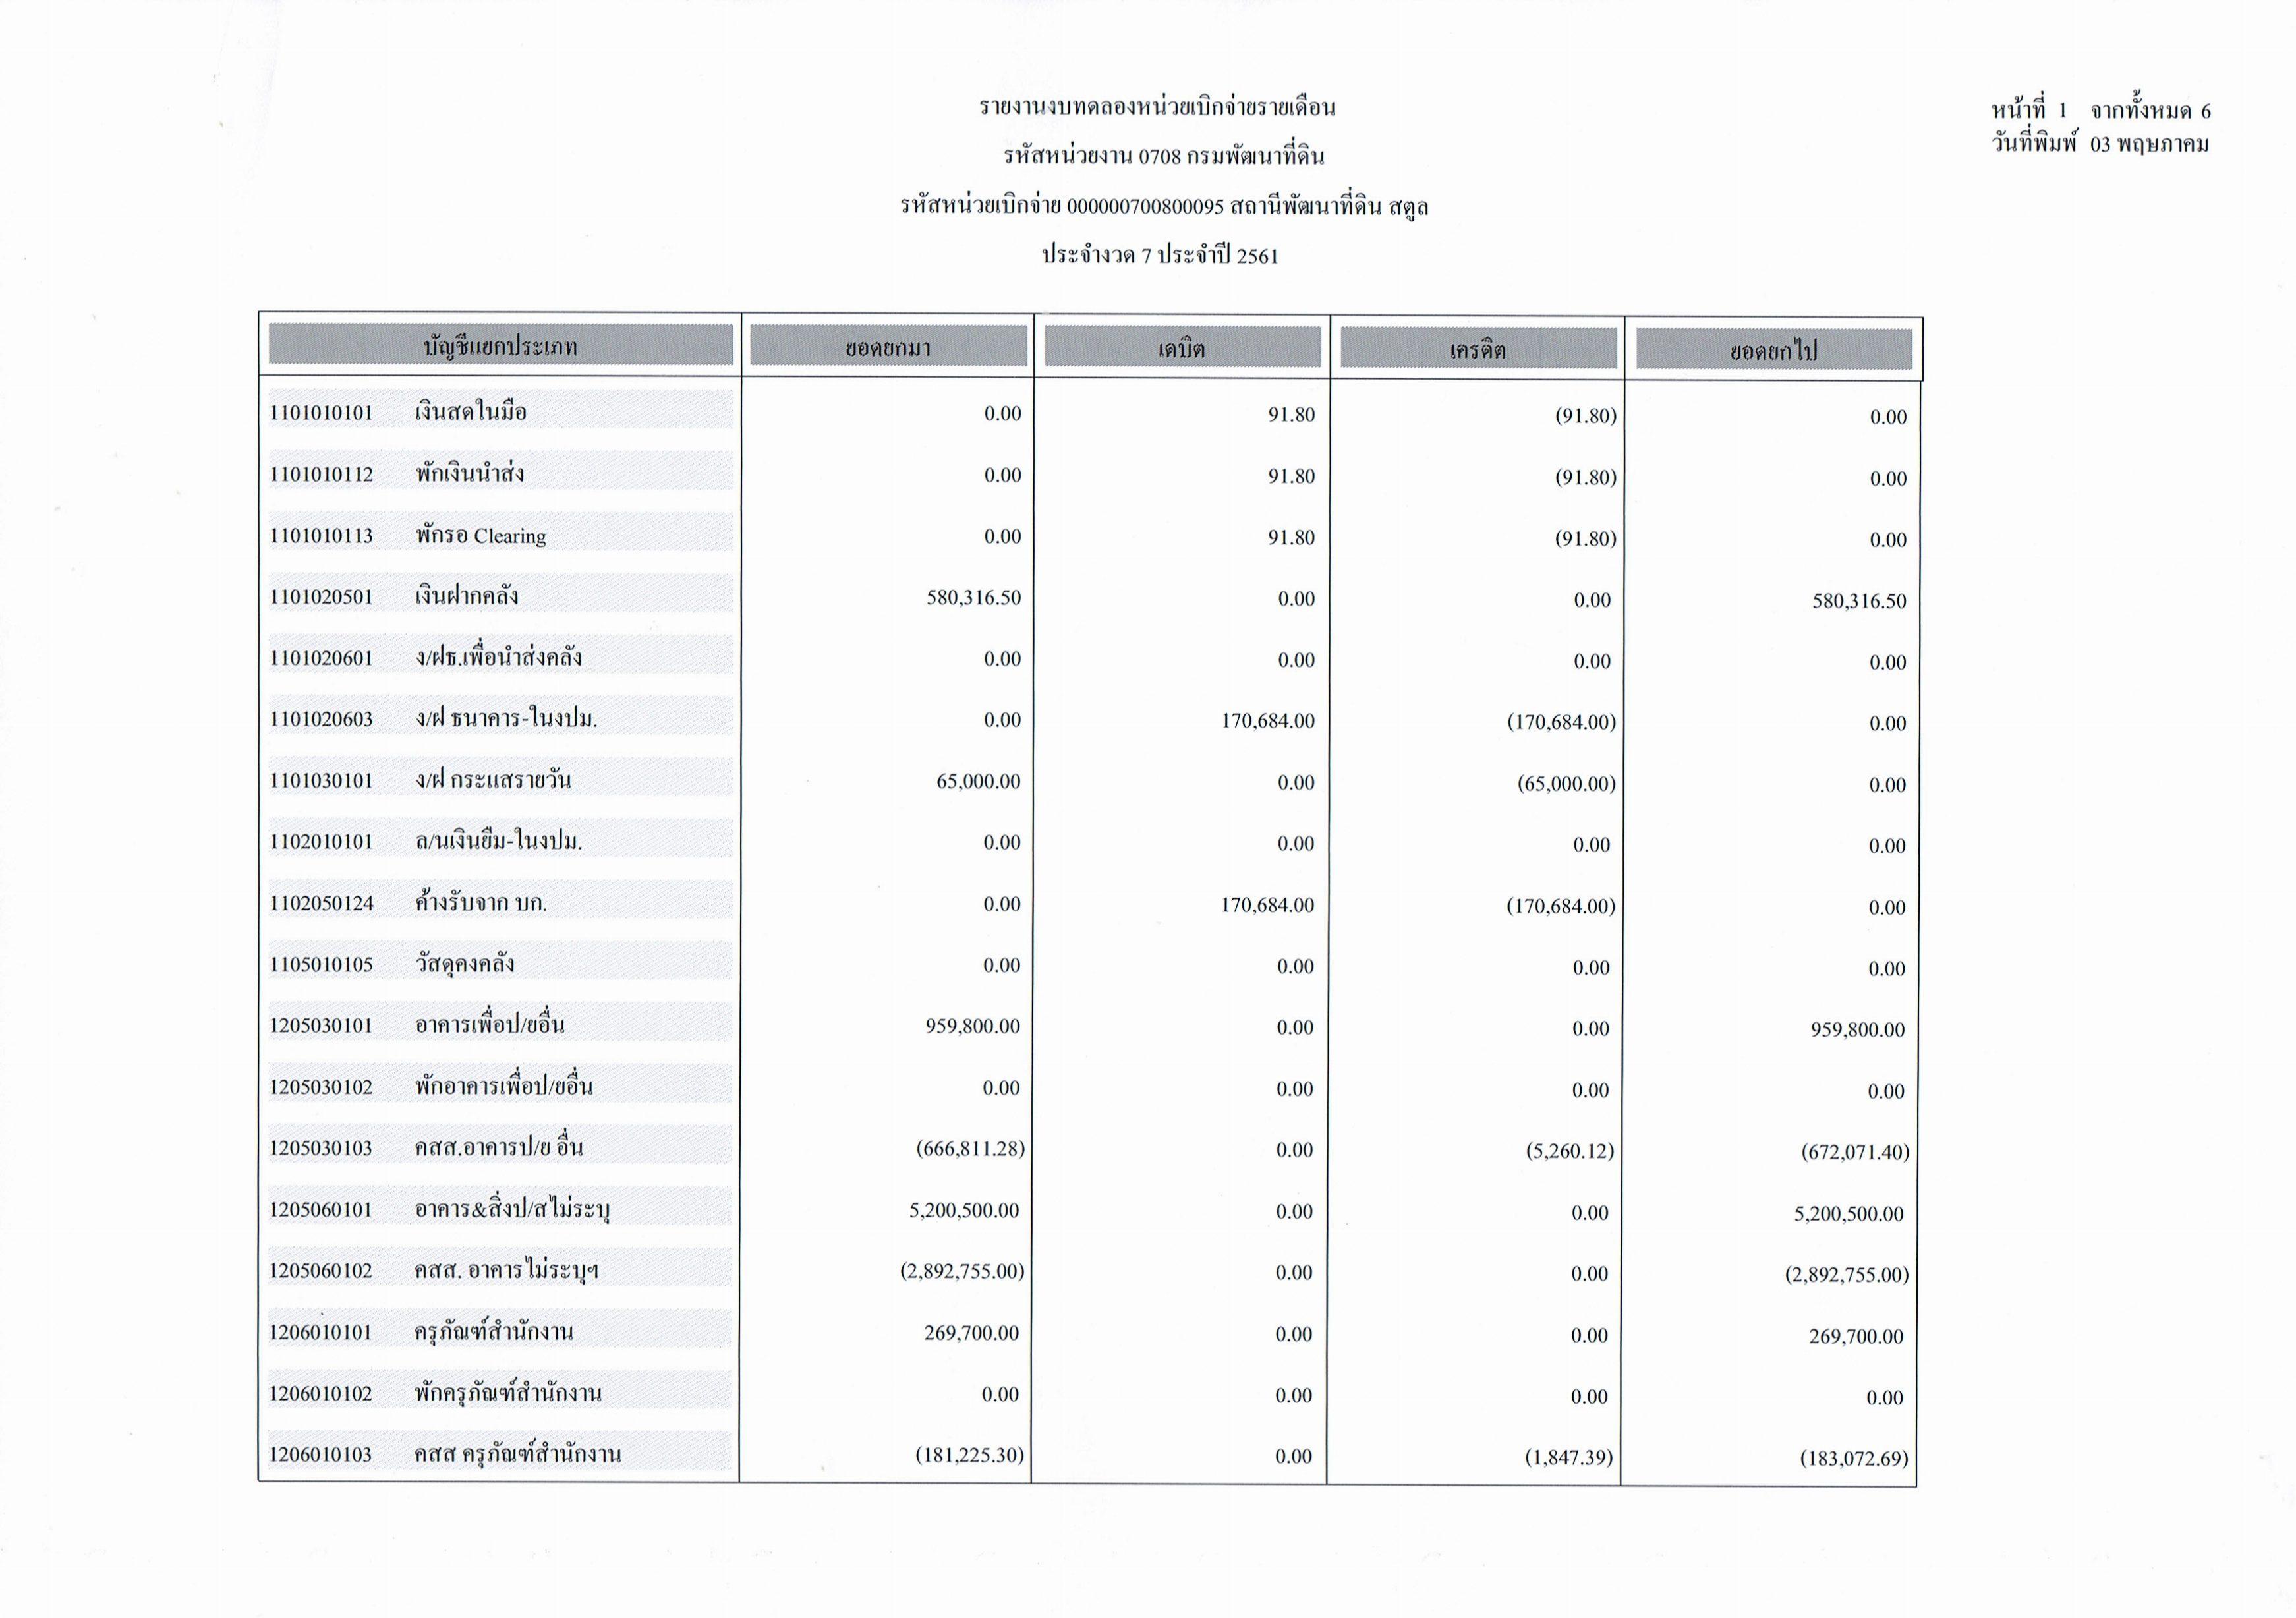 รายงานงบทดลองหน่วยเบิกจ่ายรายเดือนเมษายน ประจำงวด 7 ประจำปี 256_1